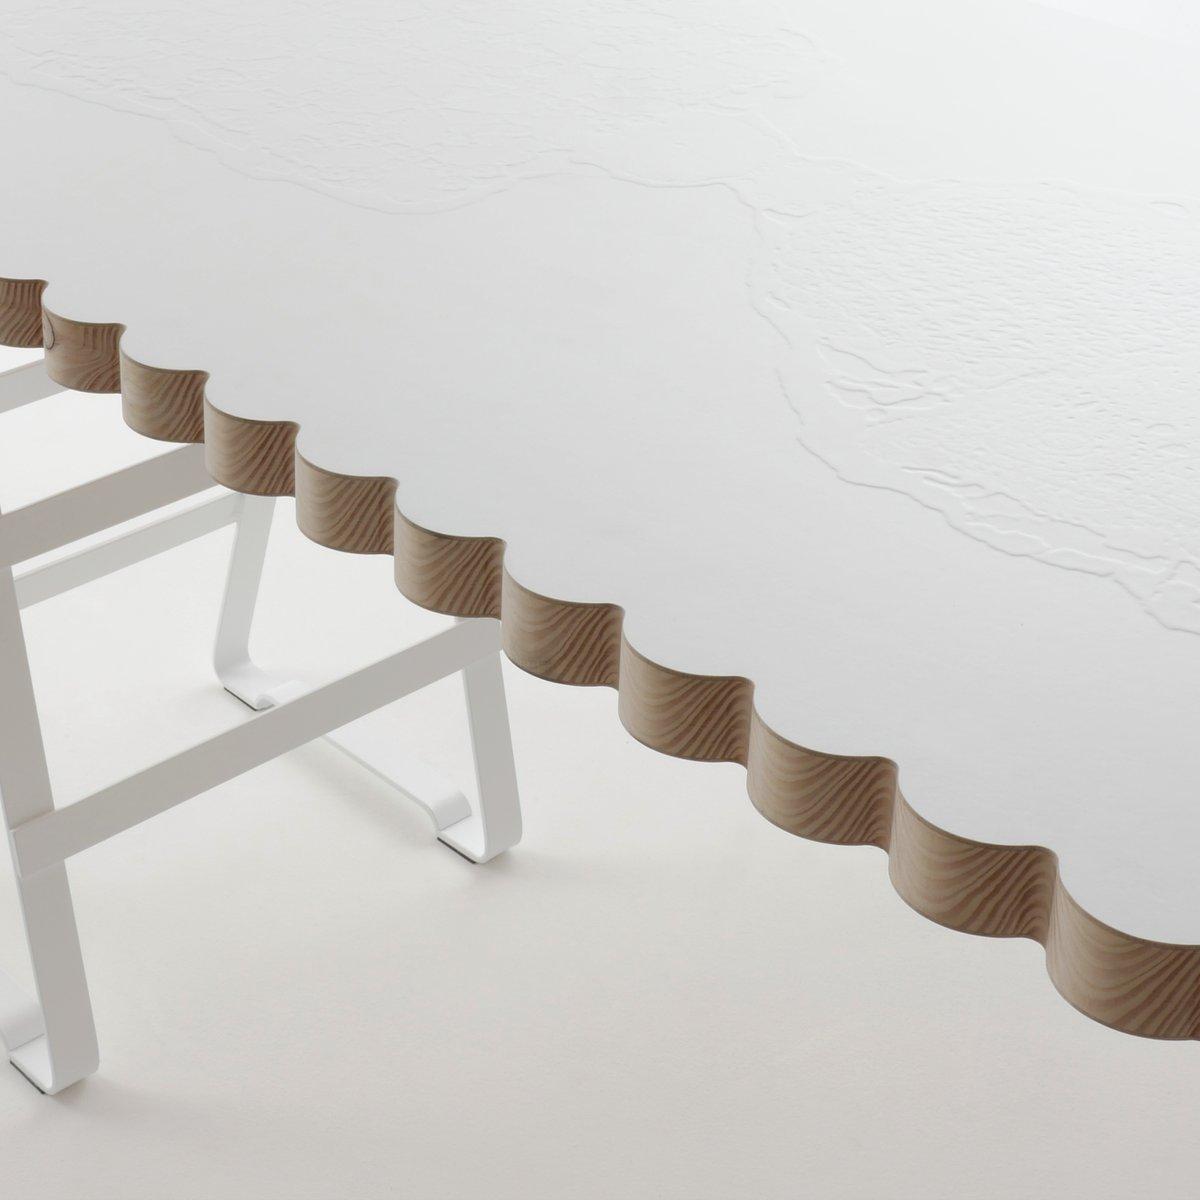 La Dentelle Tischplatte von Zascho Petkow, 2017